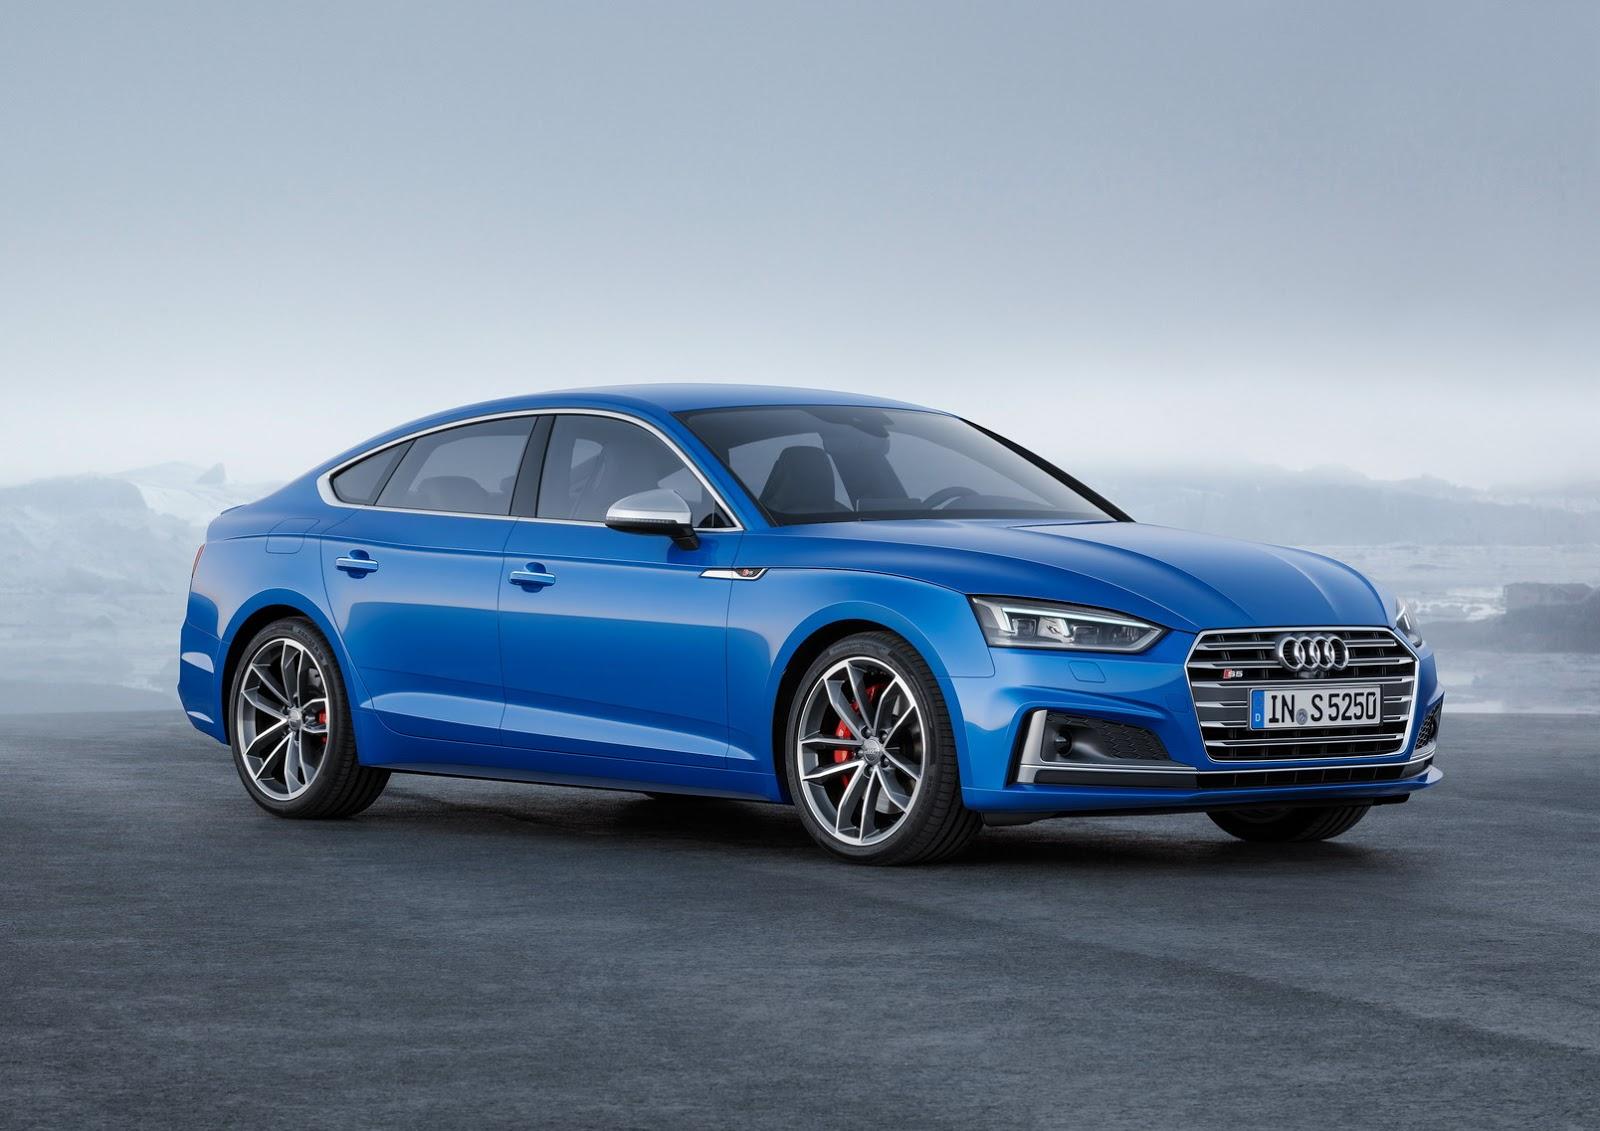 Audi презентовал новую модель A5 Sportback 2018 года